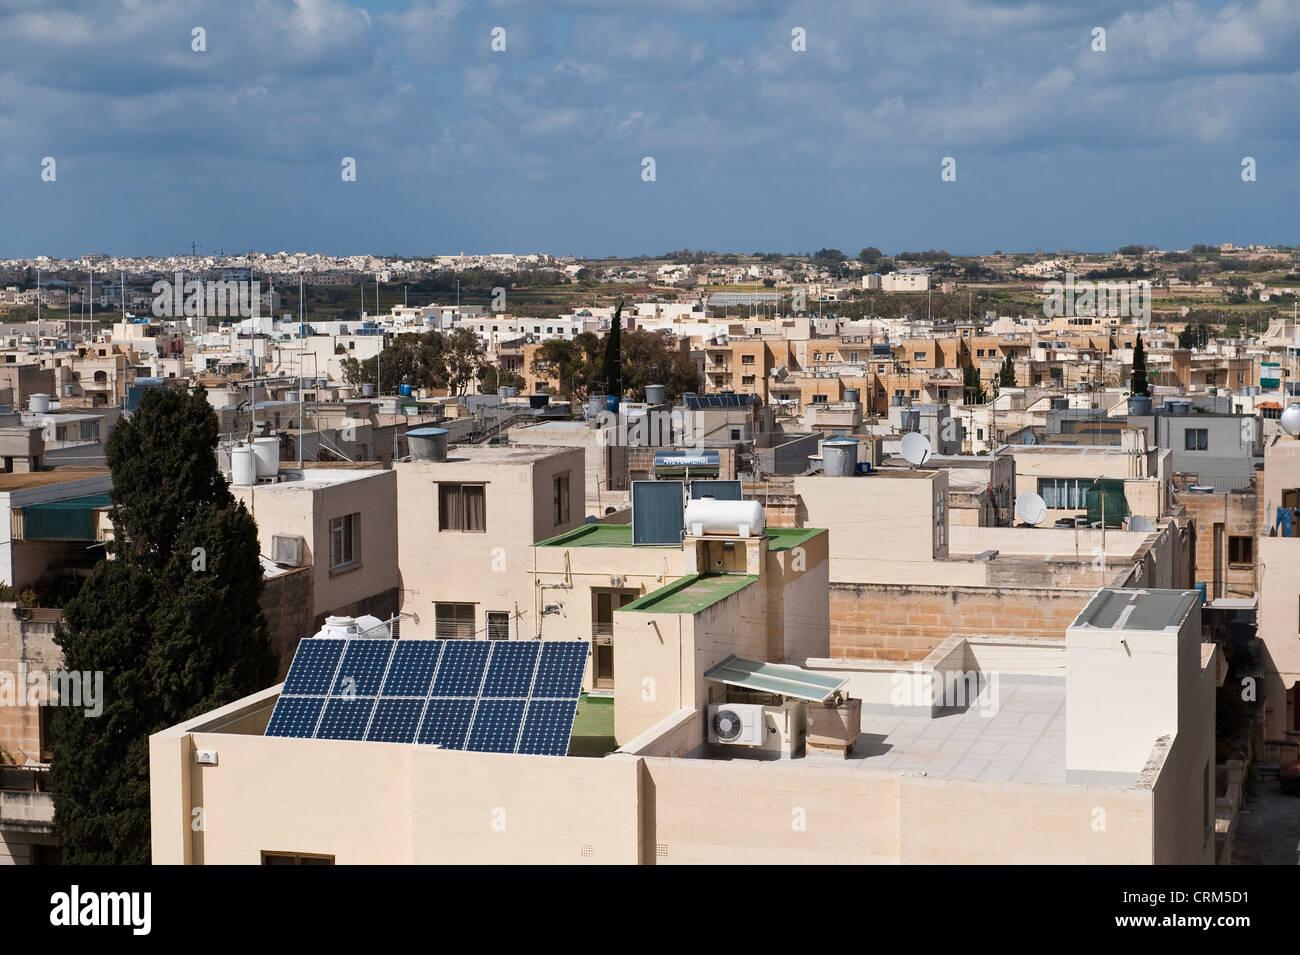 Zejtun, Malte. Une vue sur le toit présente de nombreuses maisons avec chauffe-eau solaire passif et des panneaux Photo Stock